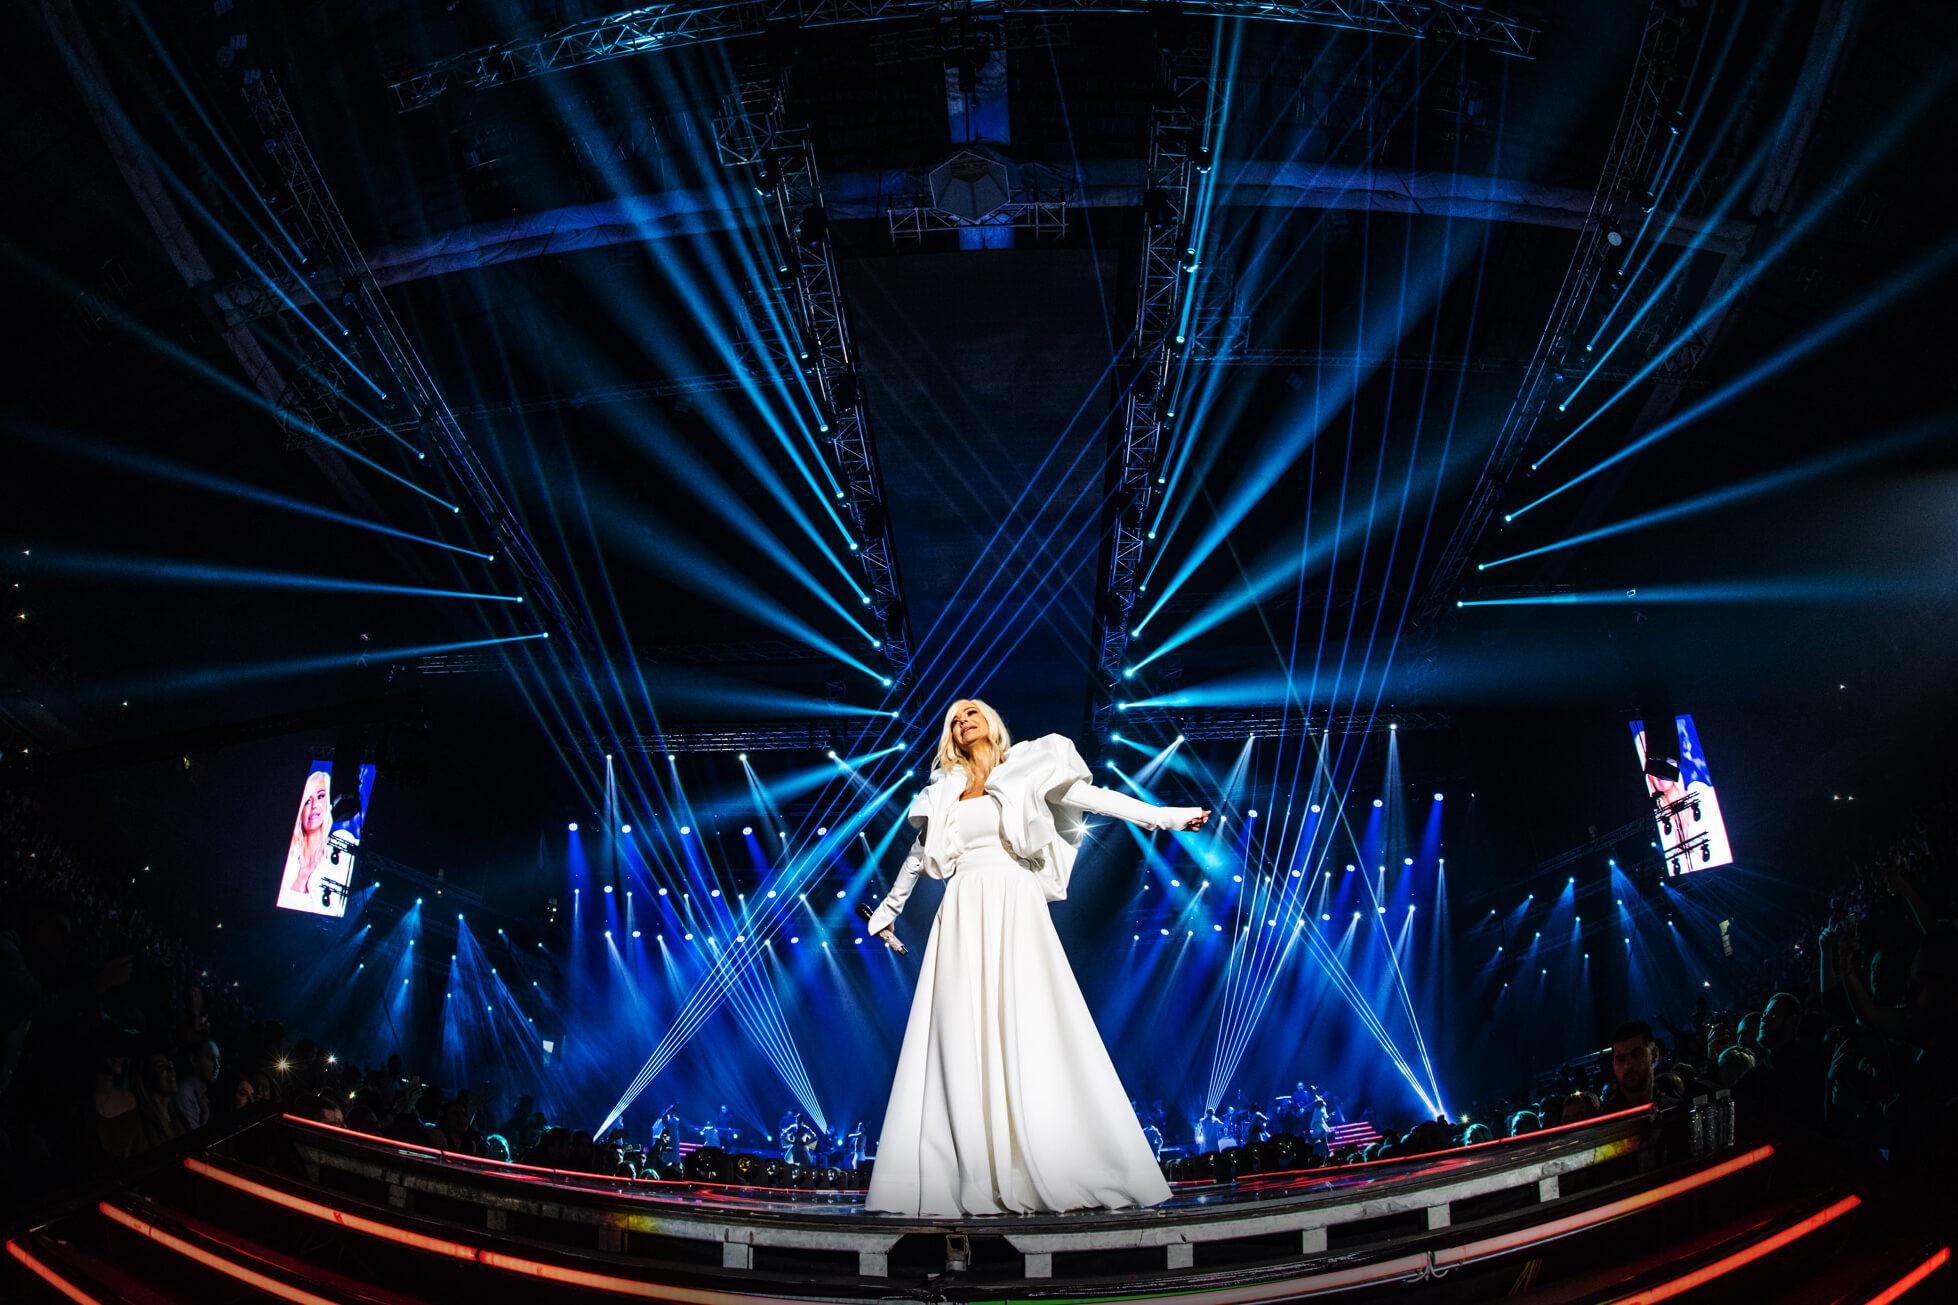 Nataša Bekvalac in the Arena